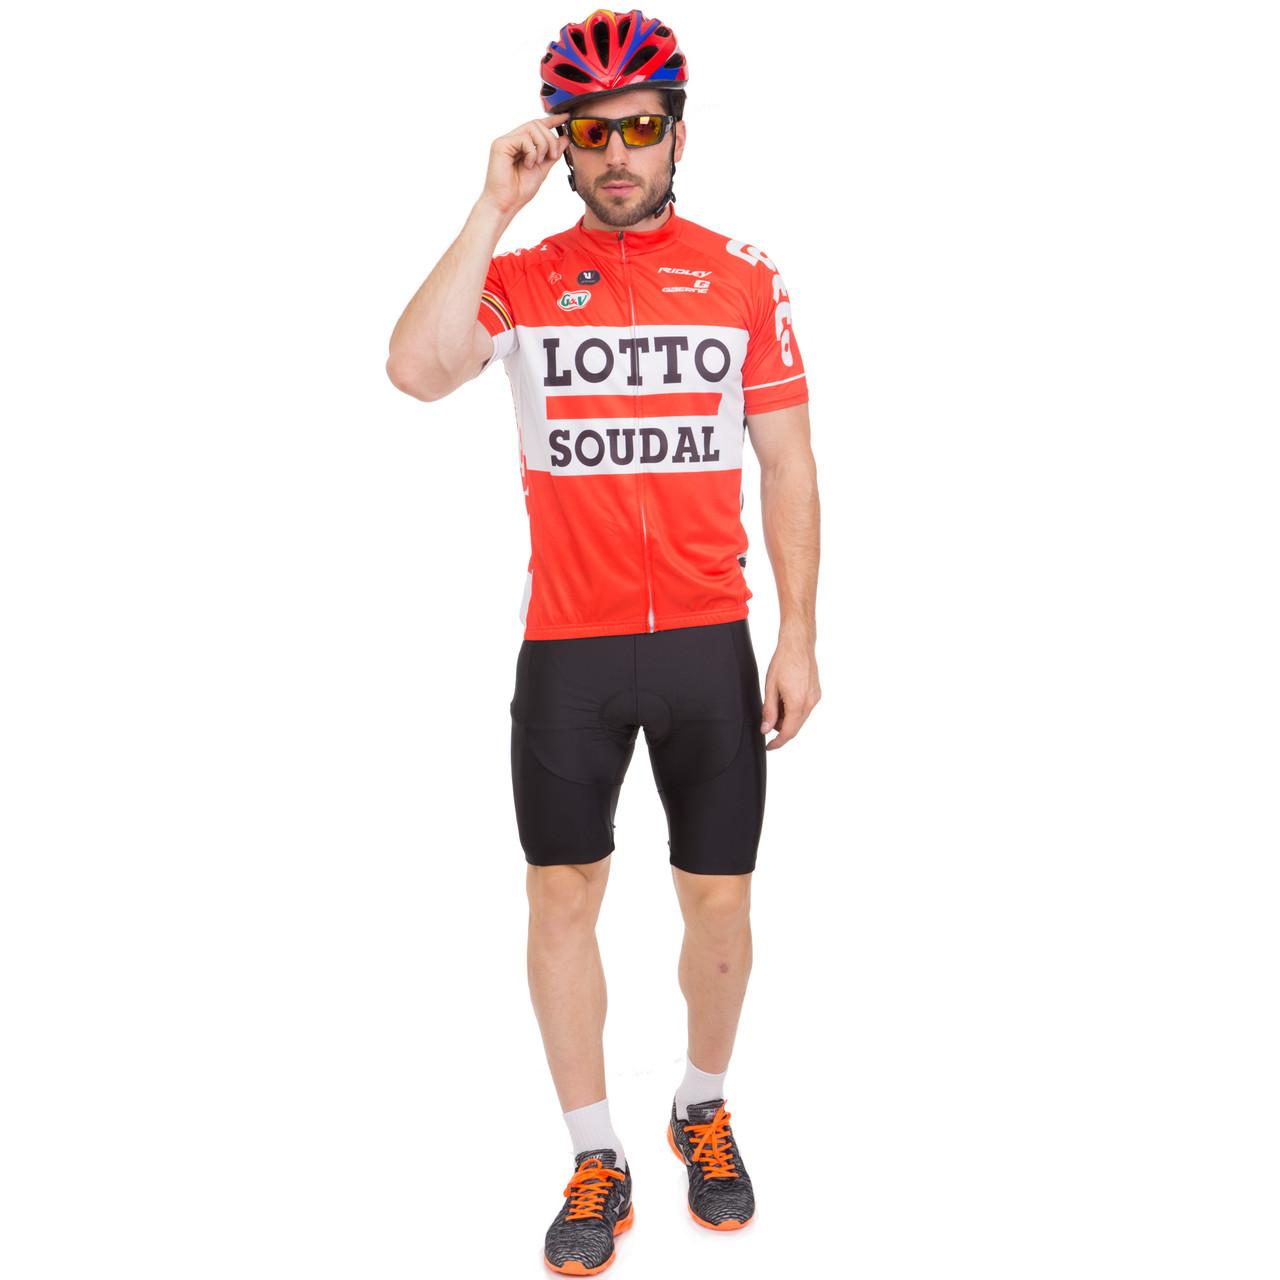 Велоформа короткий рукав Lotto (M-3XL-55-90кг-168-192см, красный-черный) L-65-75кг-175-180см PZ-MS-6818-R_1